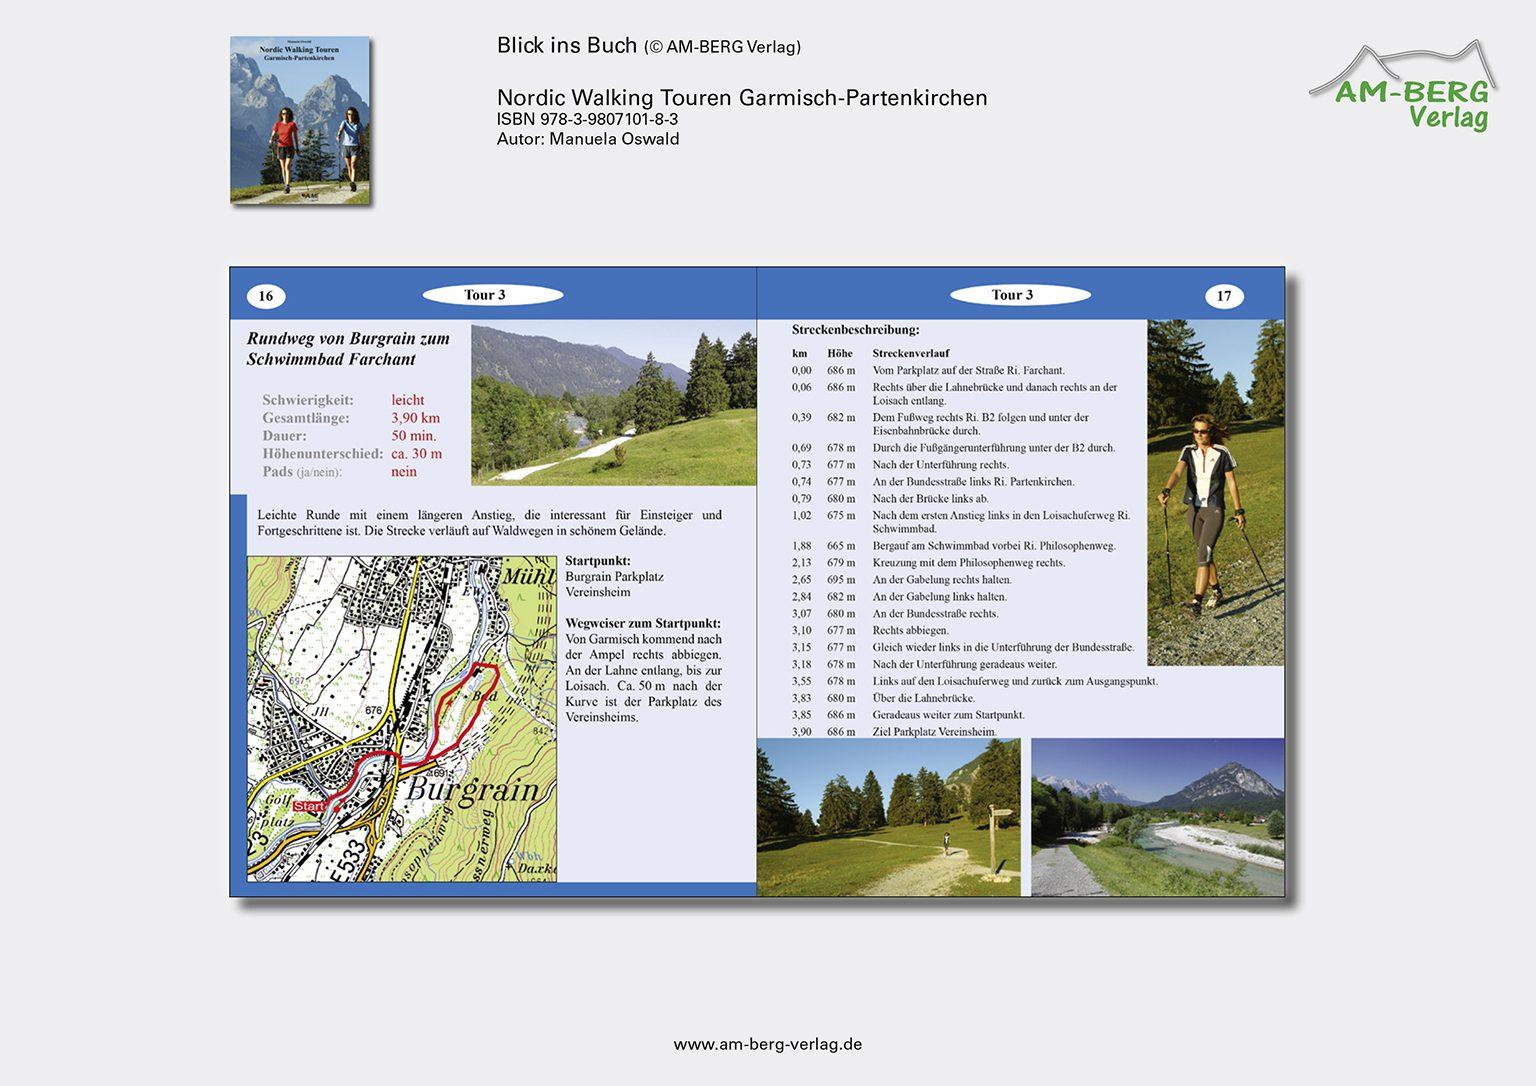 Nordic Walking Touren Garmisch-Partenkirchen_BlickinsBuch2